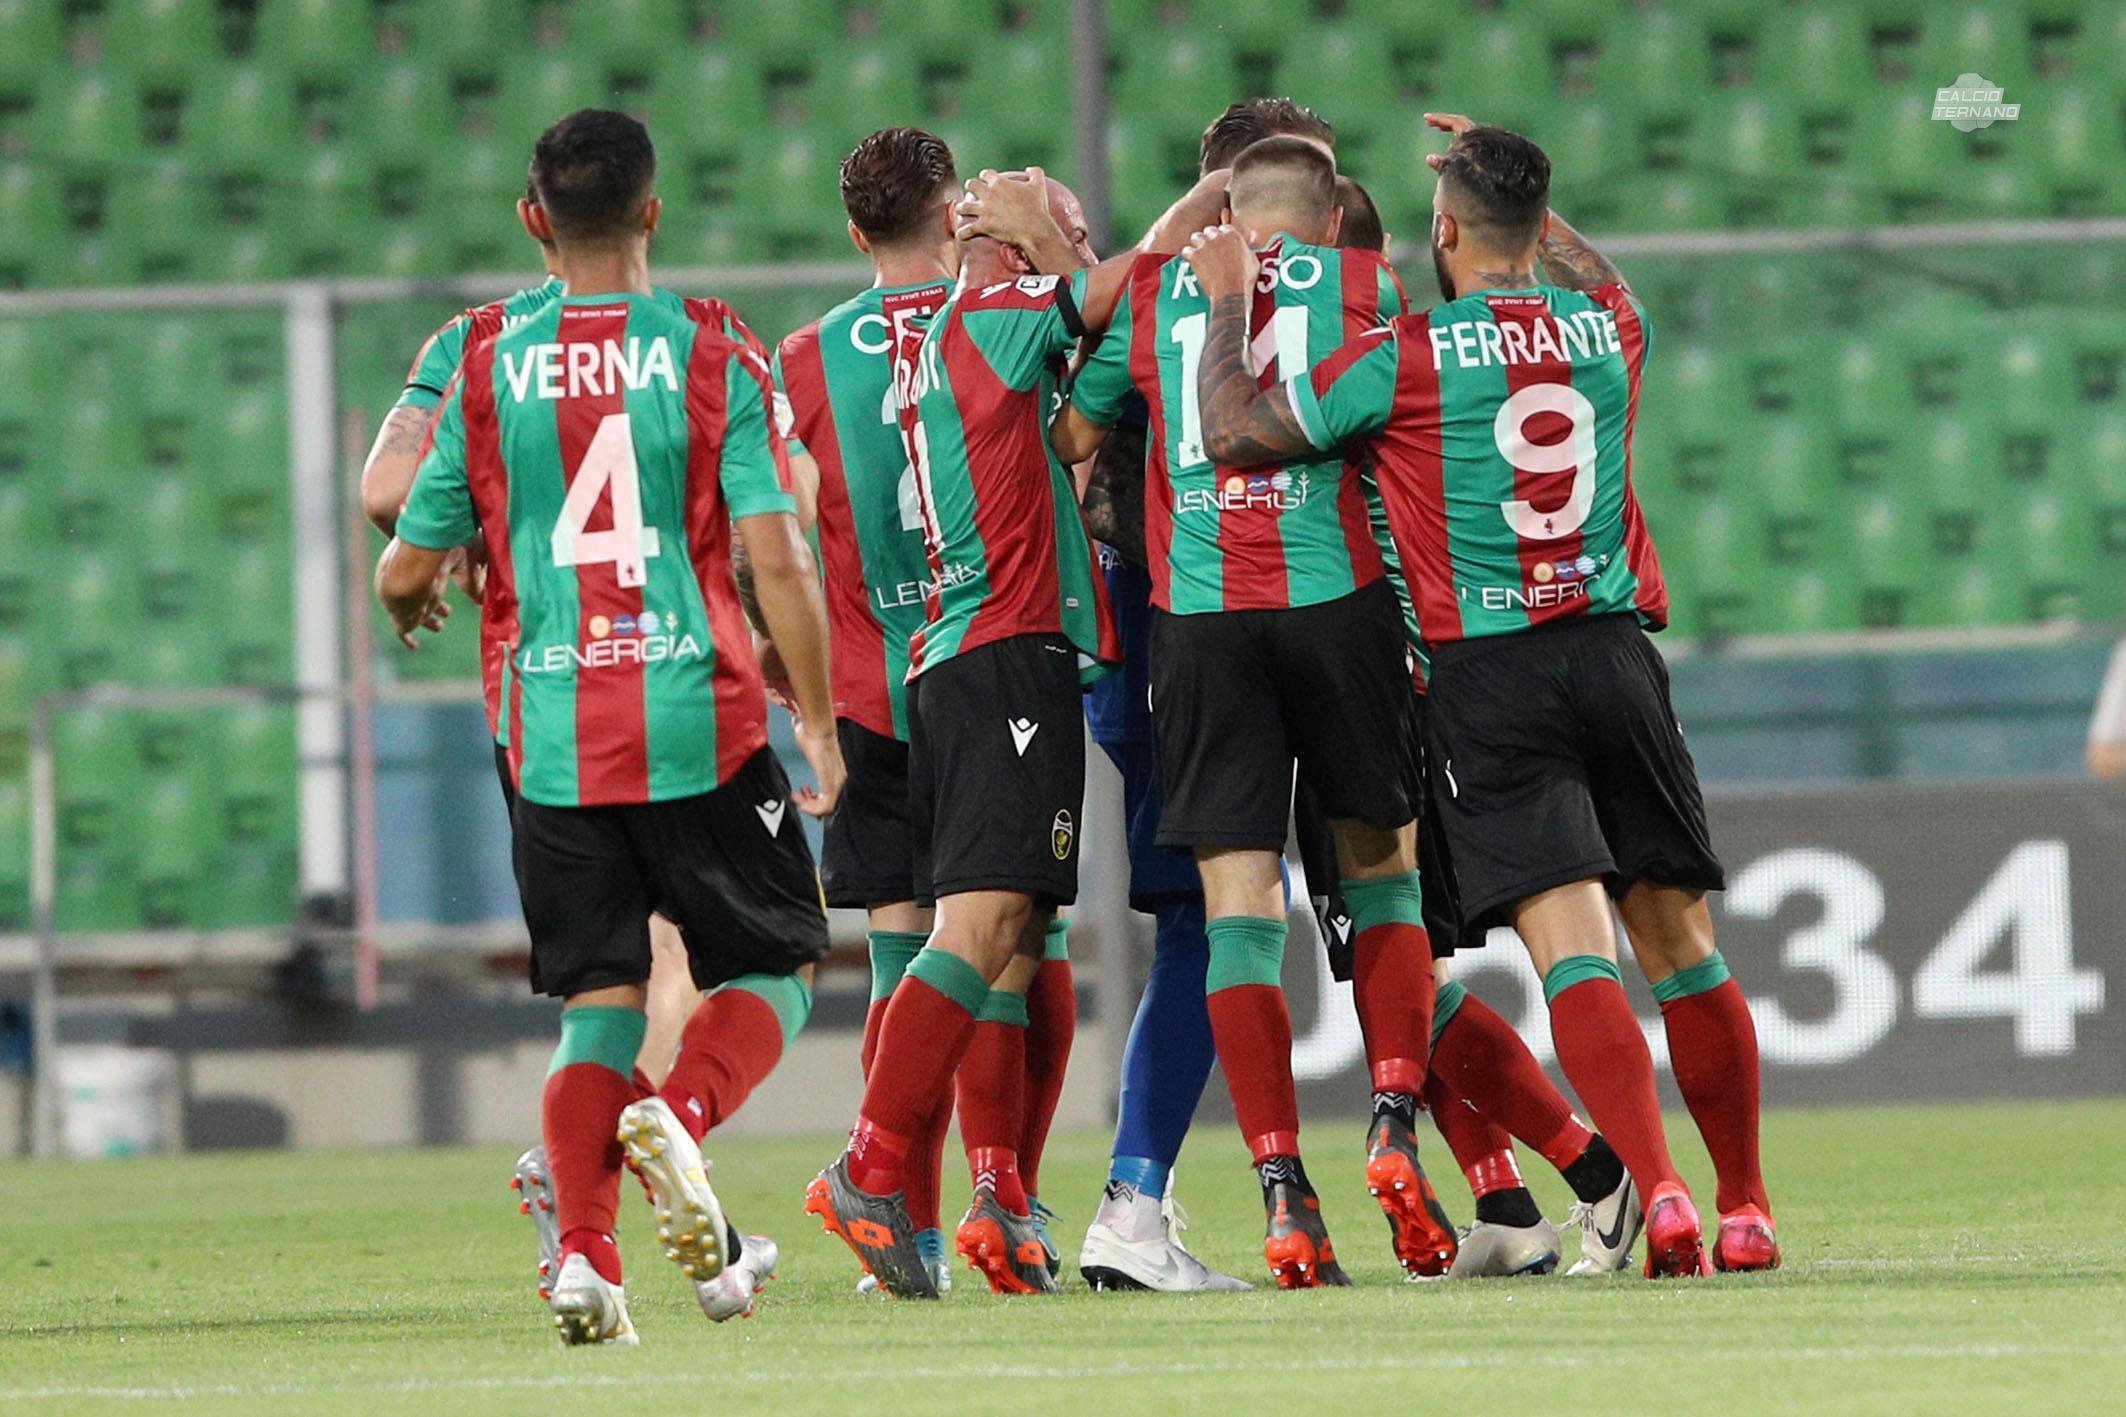 ternana-juventus under23 gol mammarella